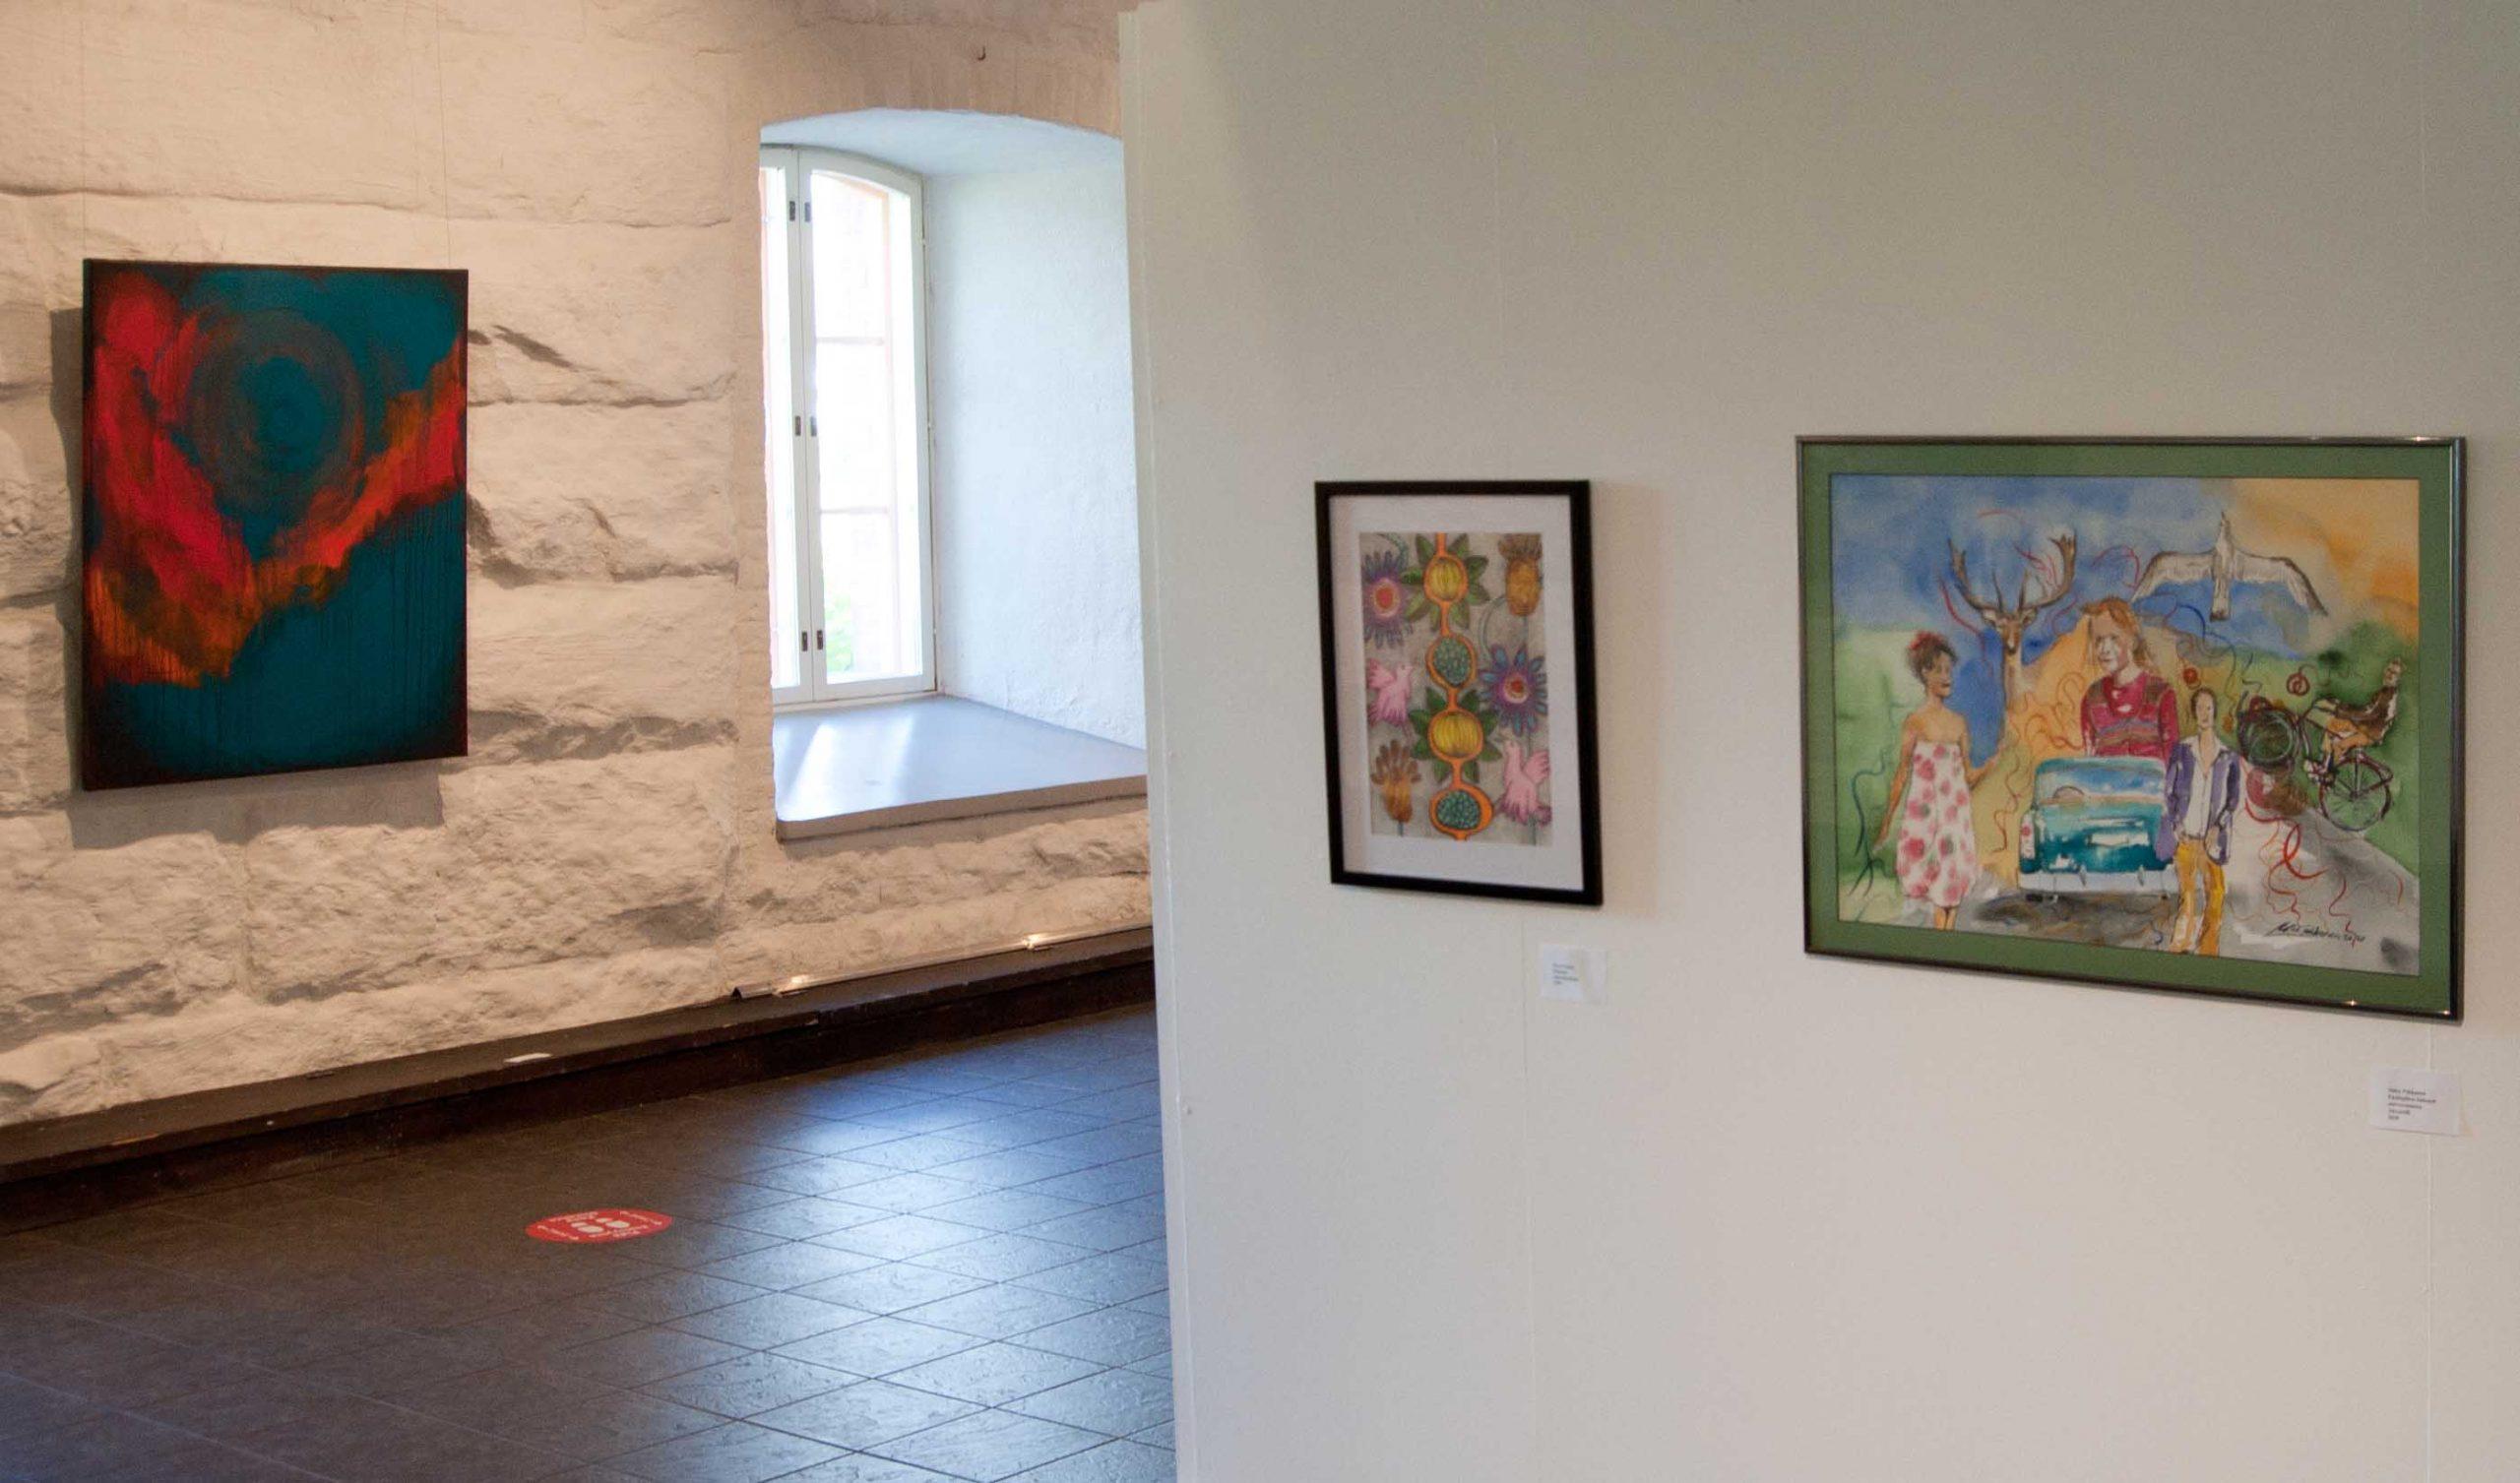 Keuruun museossa 10.7-29.8.2020 Keuruun taiteilijaseuran 55. vuosinäyttely kuraattorina toimi Kuvataiteilija Pirjeta Brander